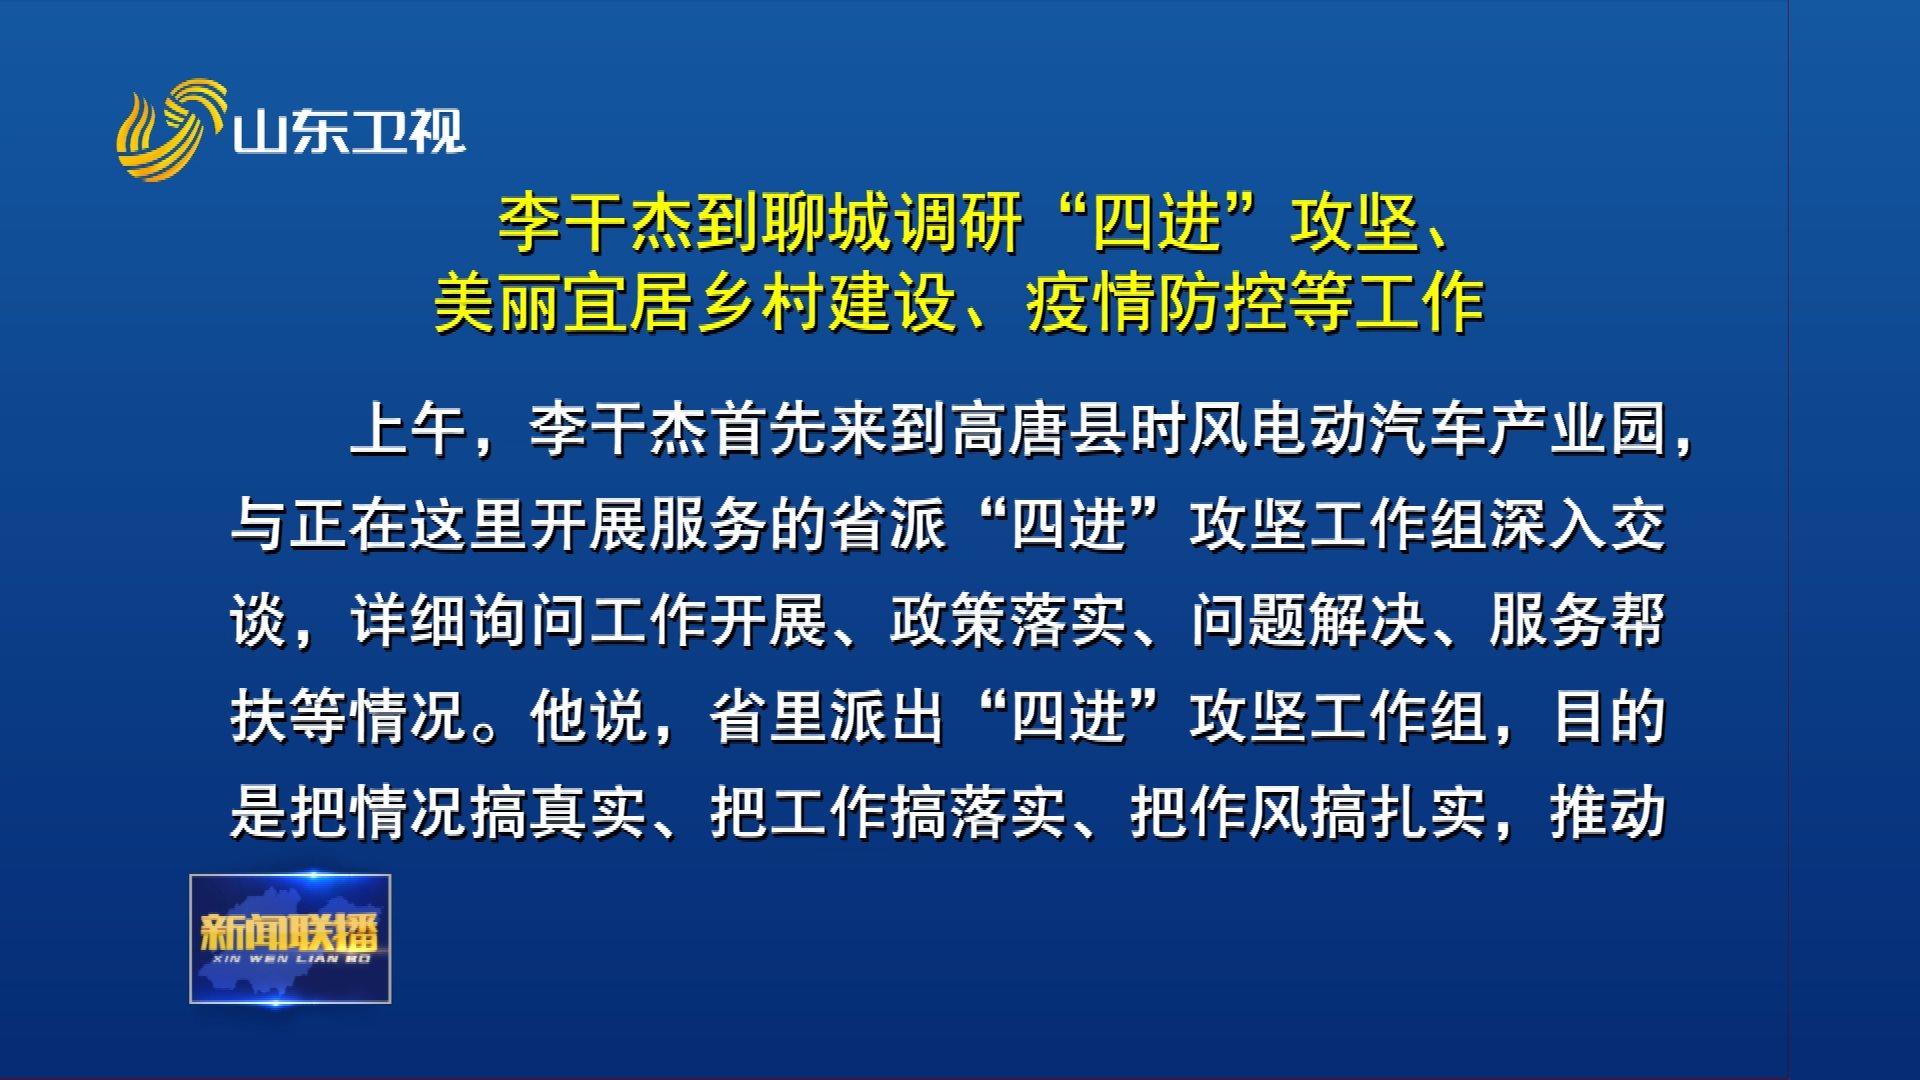 """李干杰到聊城调研""""四进""""攻坚 美丽宜居乡村建设 疫情防控等工作"""